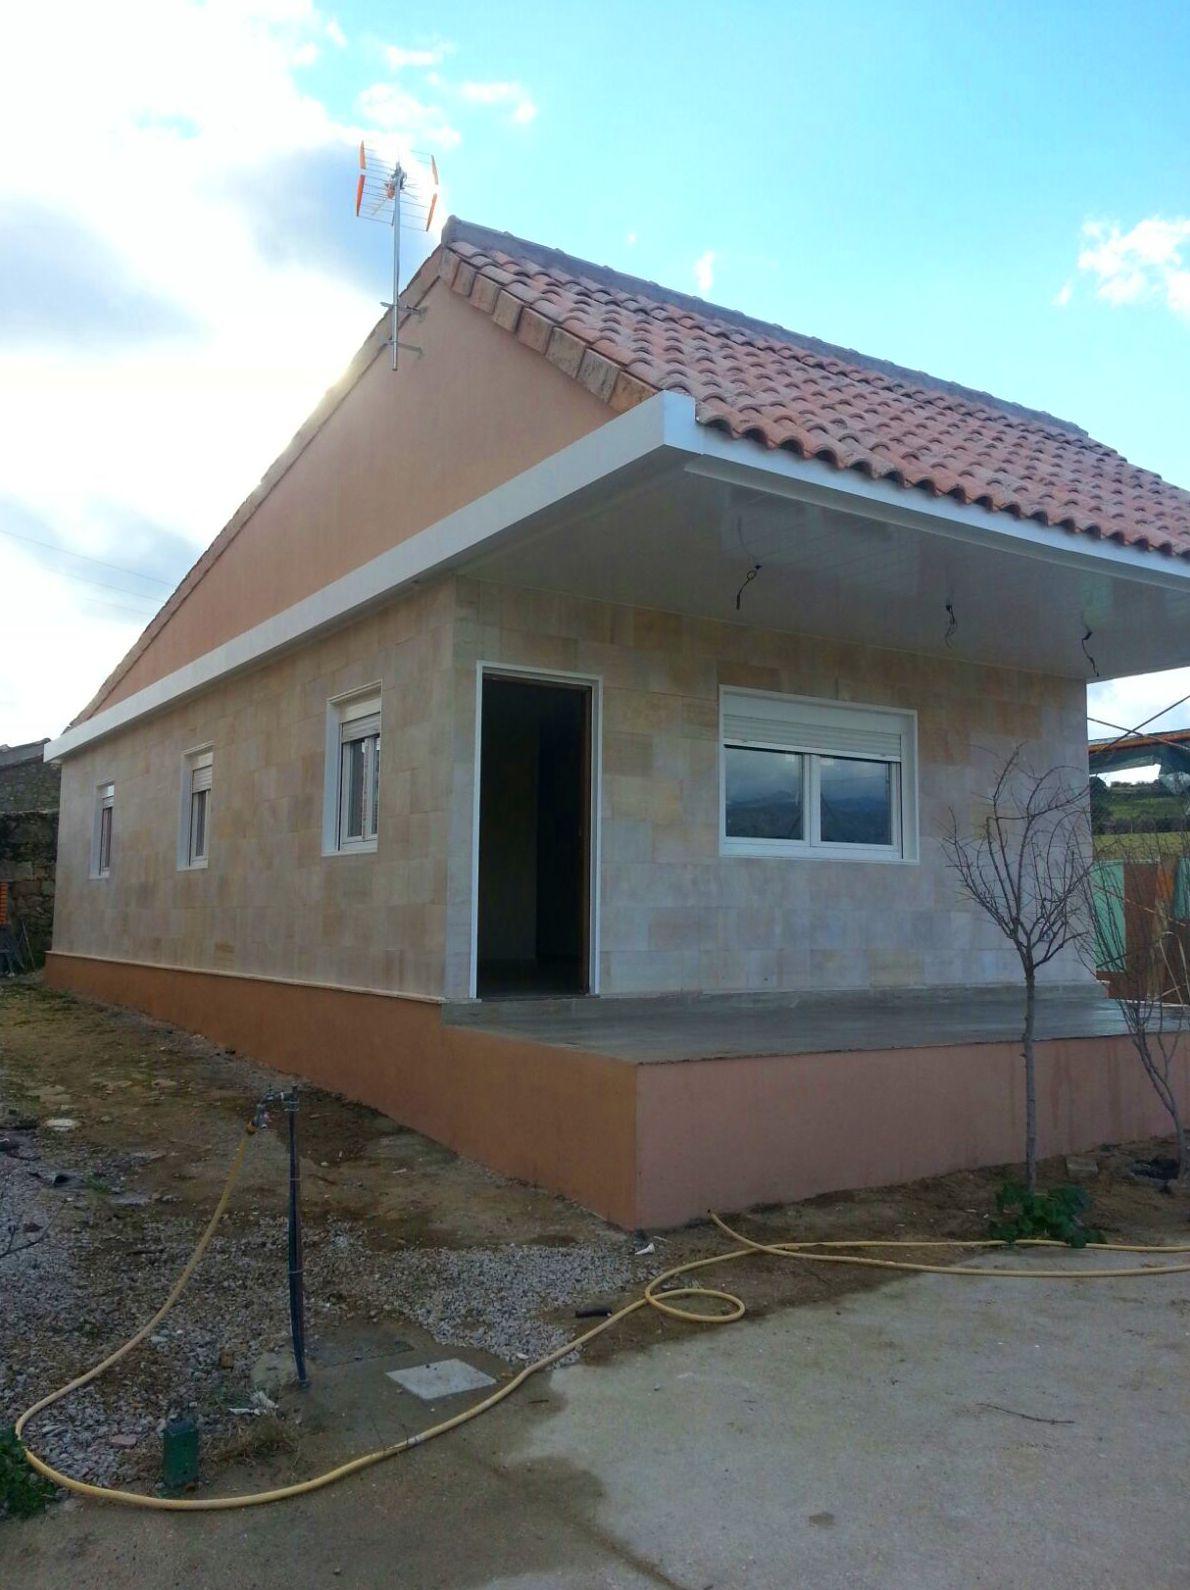 Foto 22 de Casas prefabricadas en Humanes | Wigarma